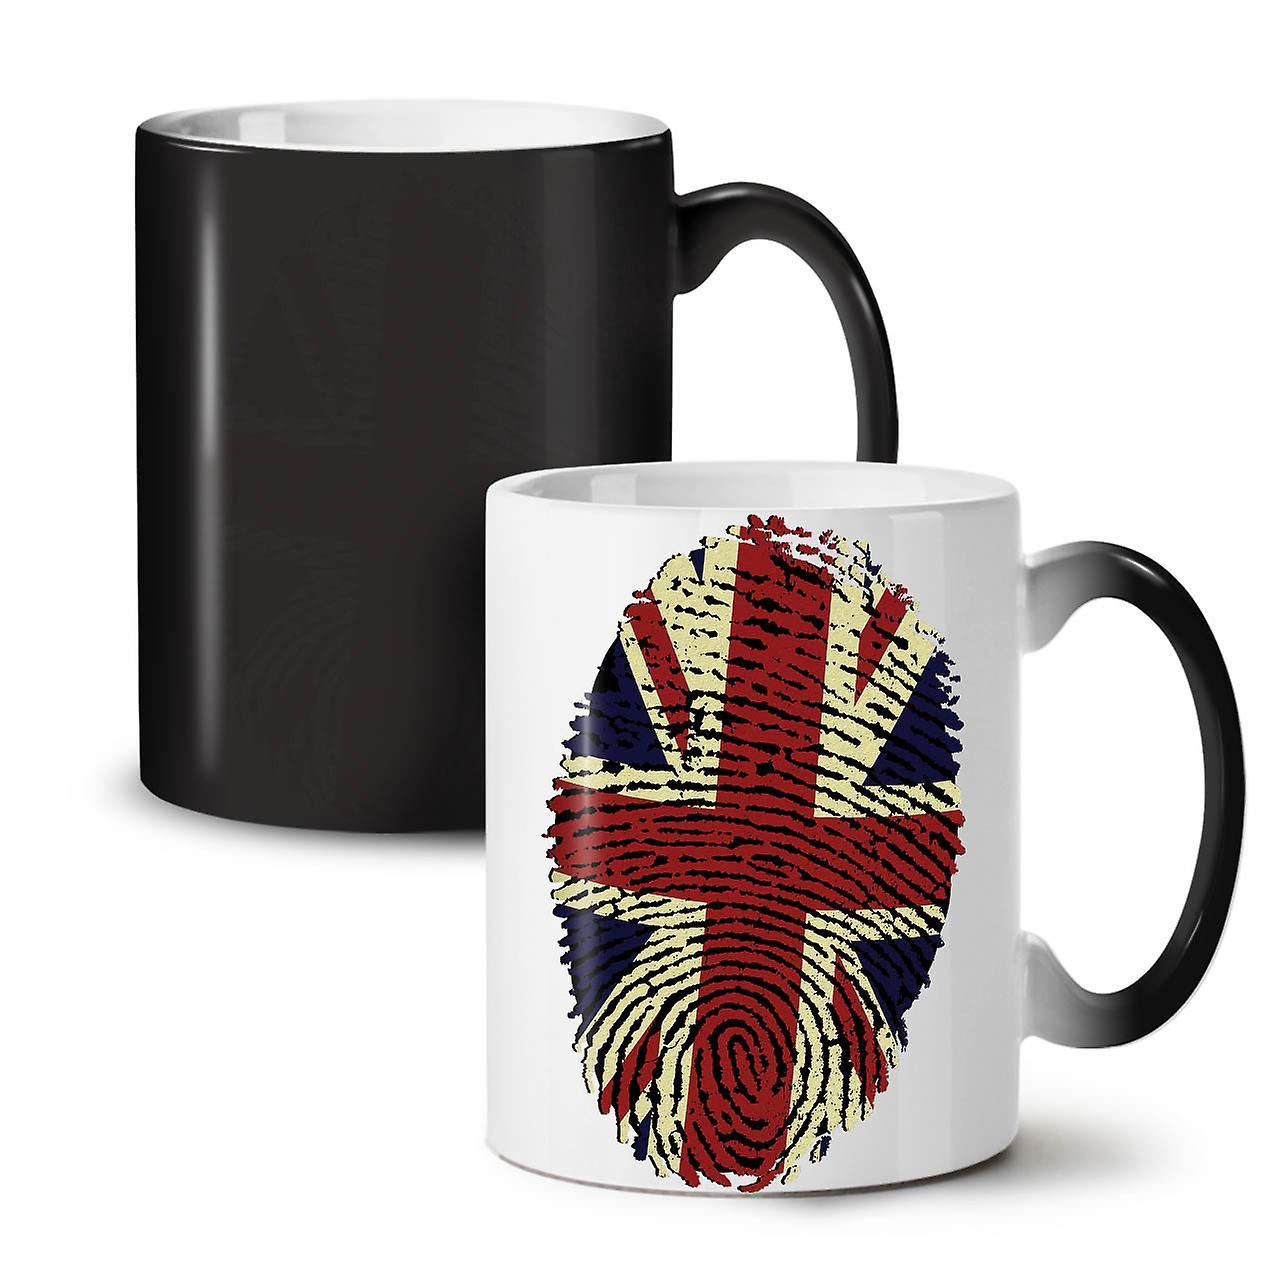 OzWellcoda Noir Britannique Nouvelle Thé Tasse Digitales Couleur Céramique D'empreintes Changeant Café 11 AL34Rj5q